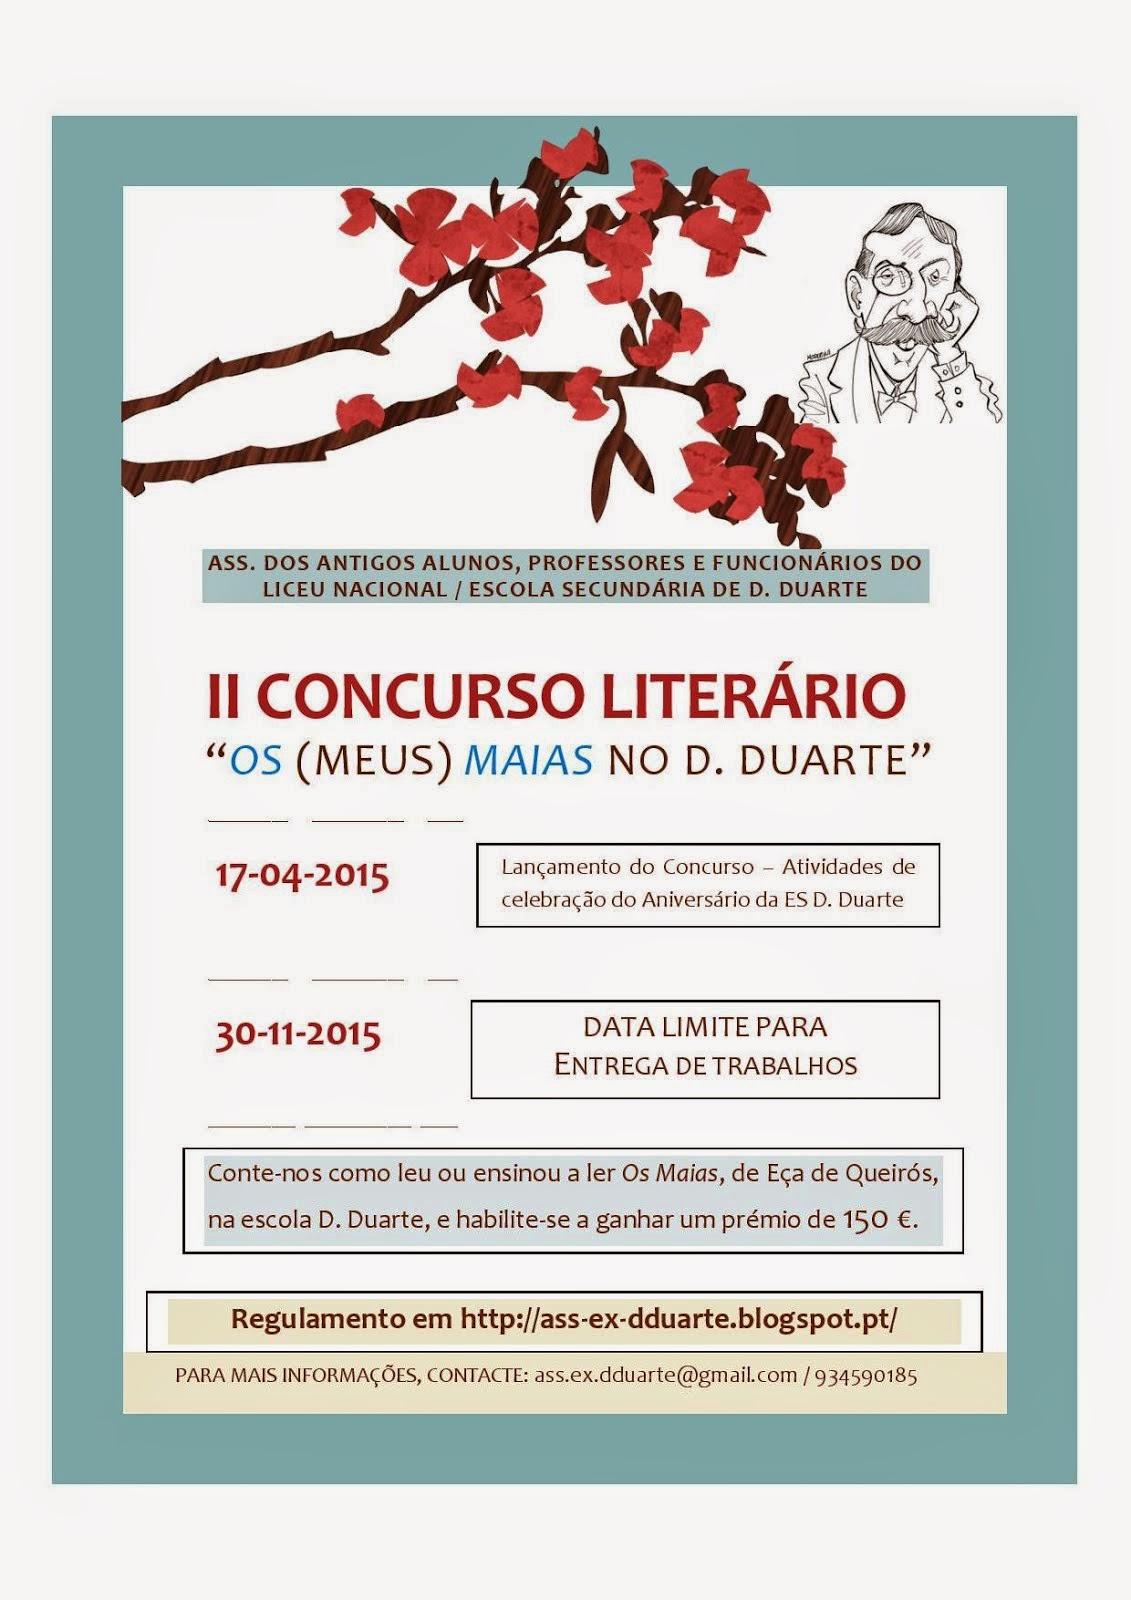 II CONCURSO LITERÁRIO